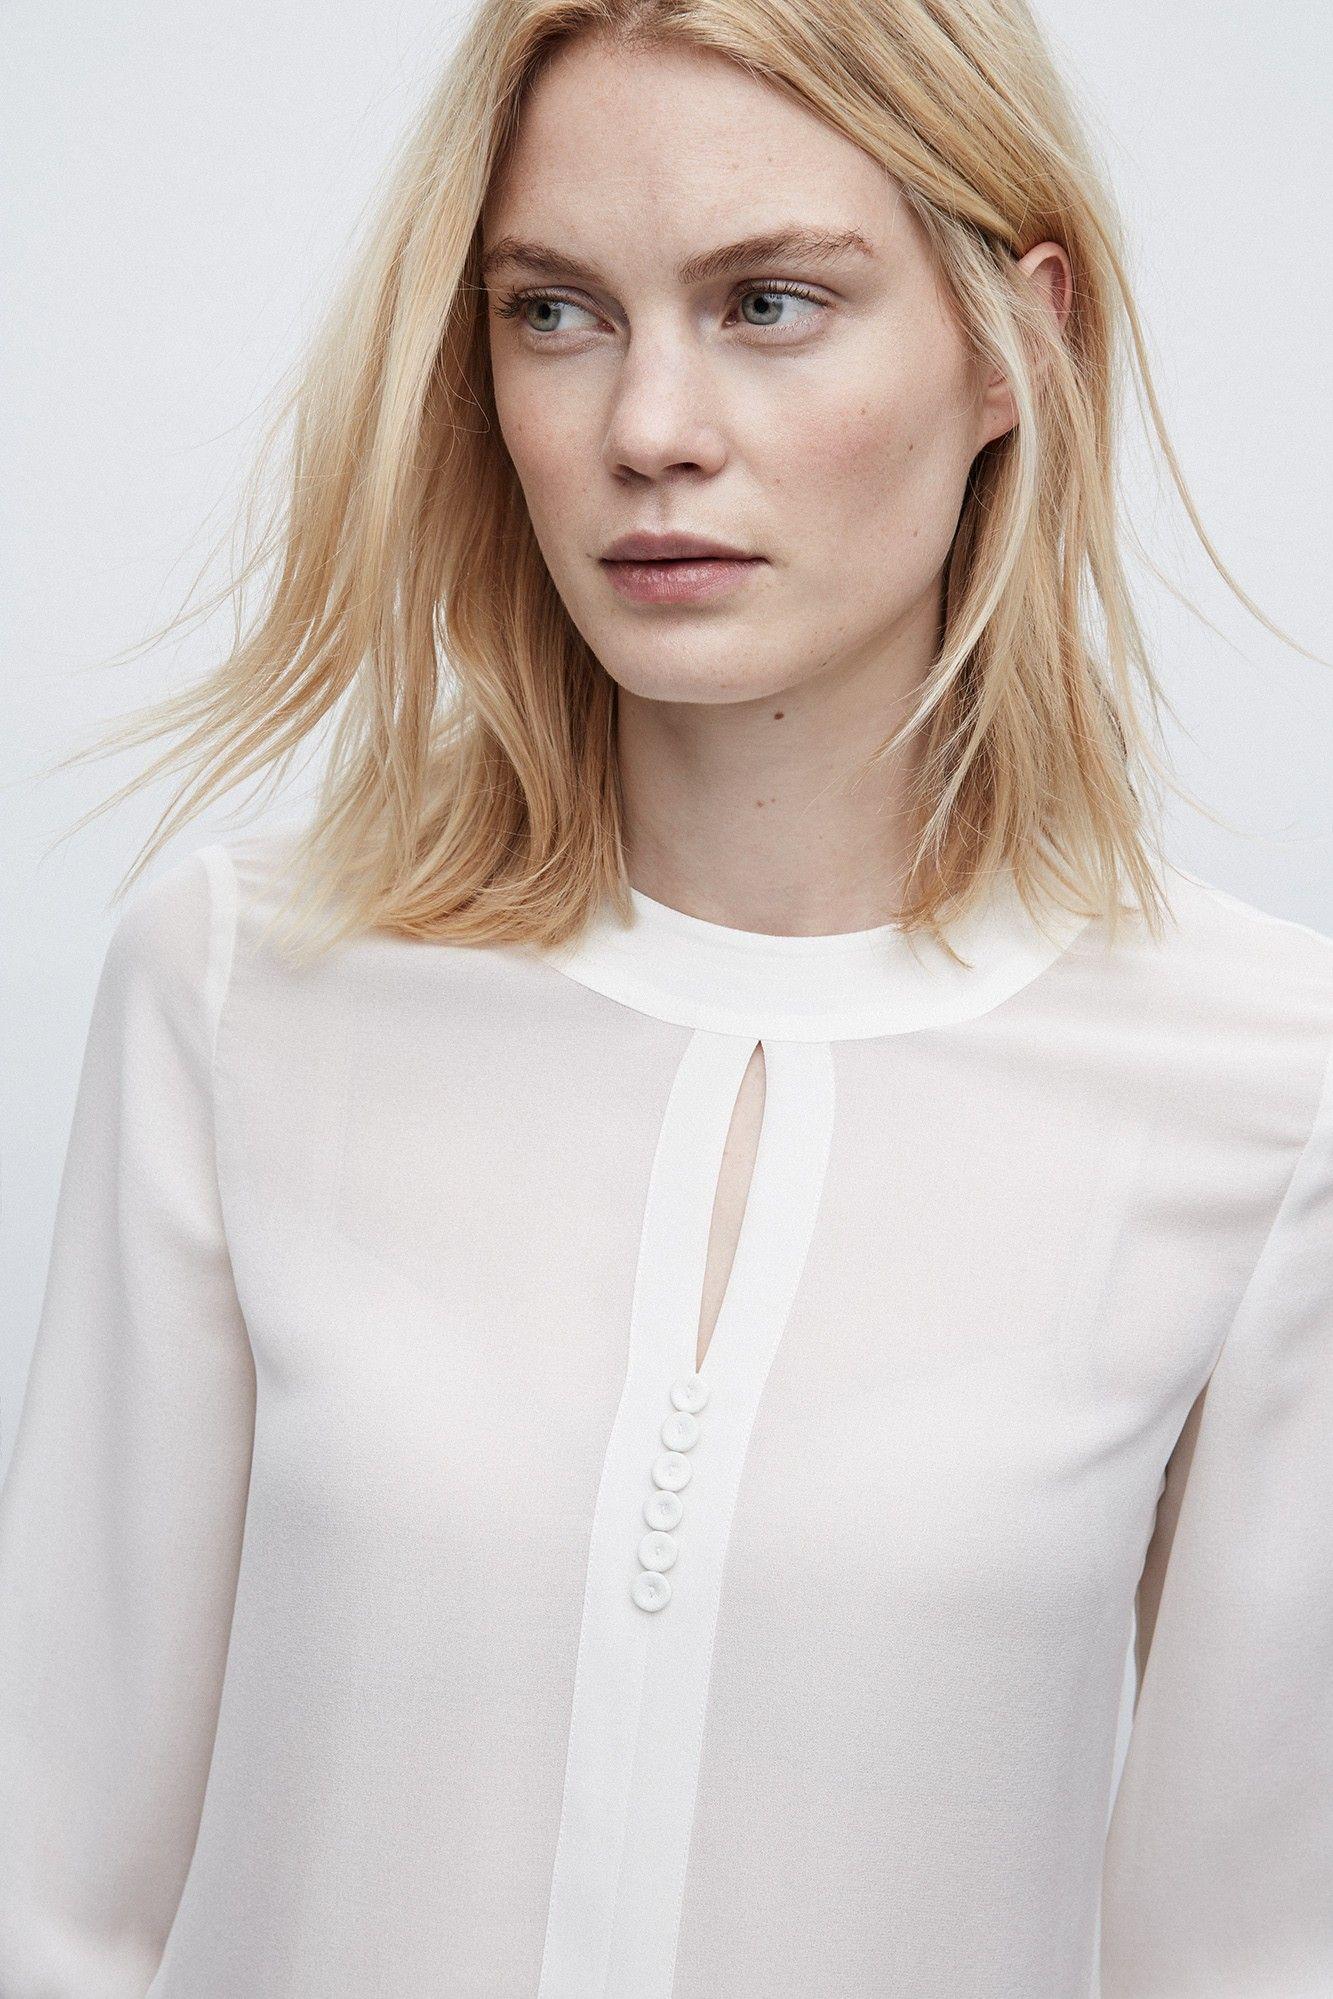 Dominguez Romántico Seda Mujer Con Camisa Adolfo Shop Cuello De 0vCwnxqz